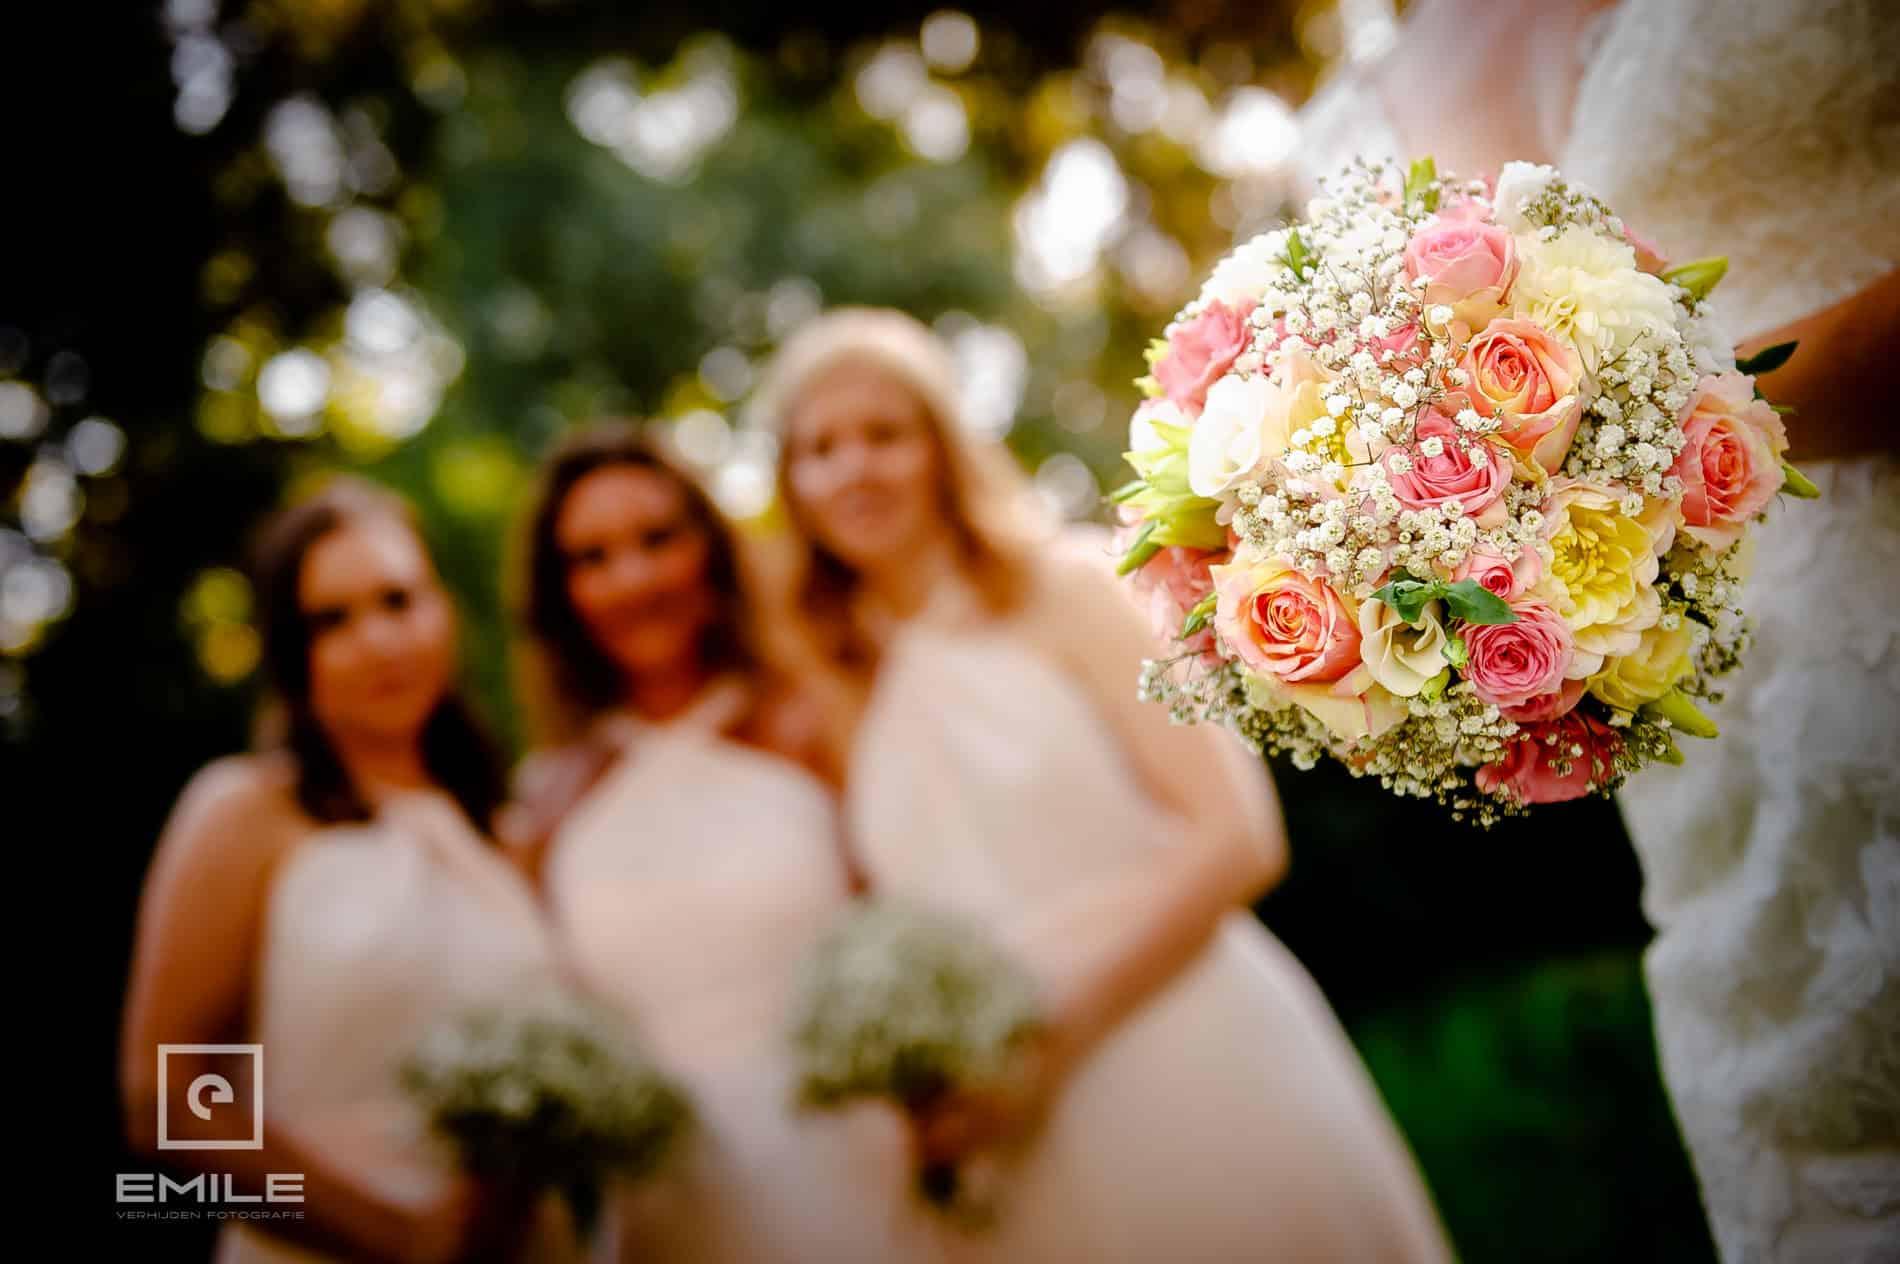 Bruidsboeket van dichtbij, in close-up. Closeup bruidsboeket